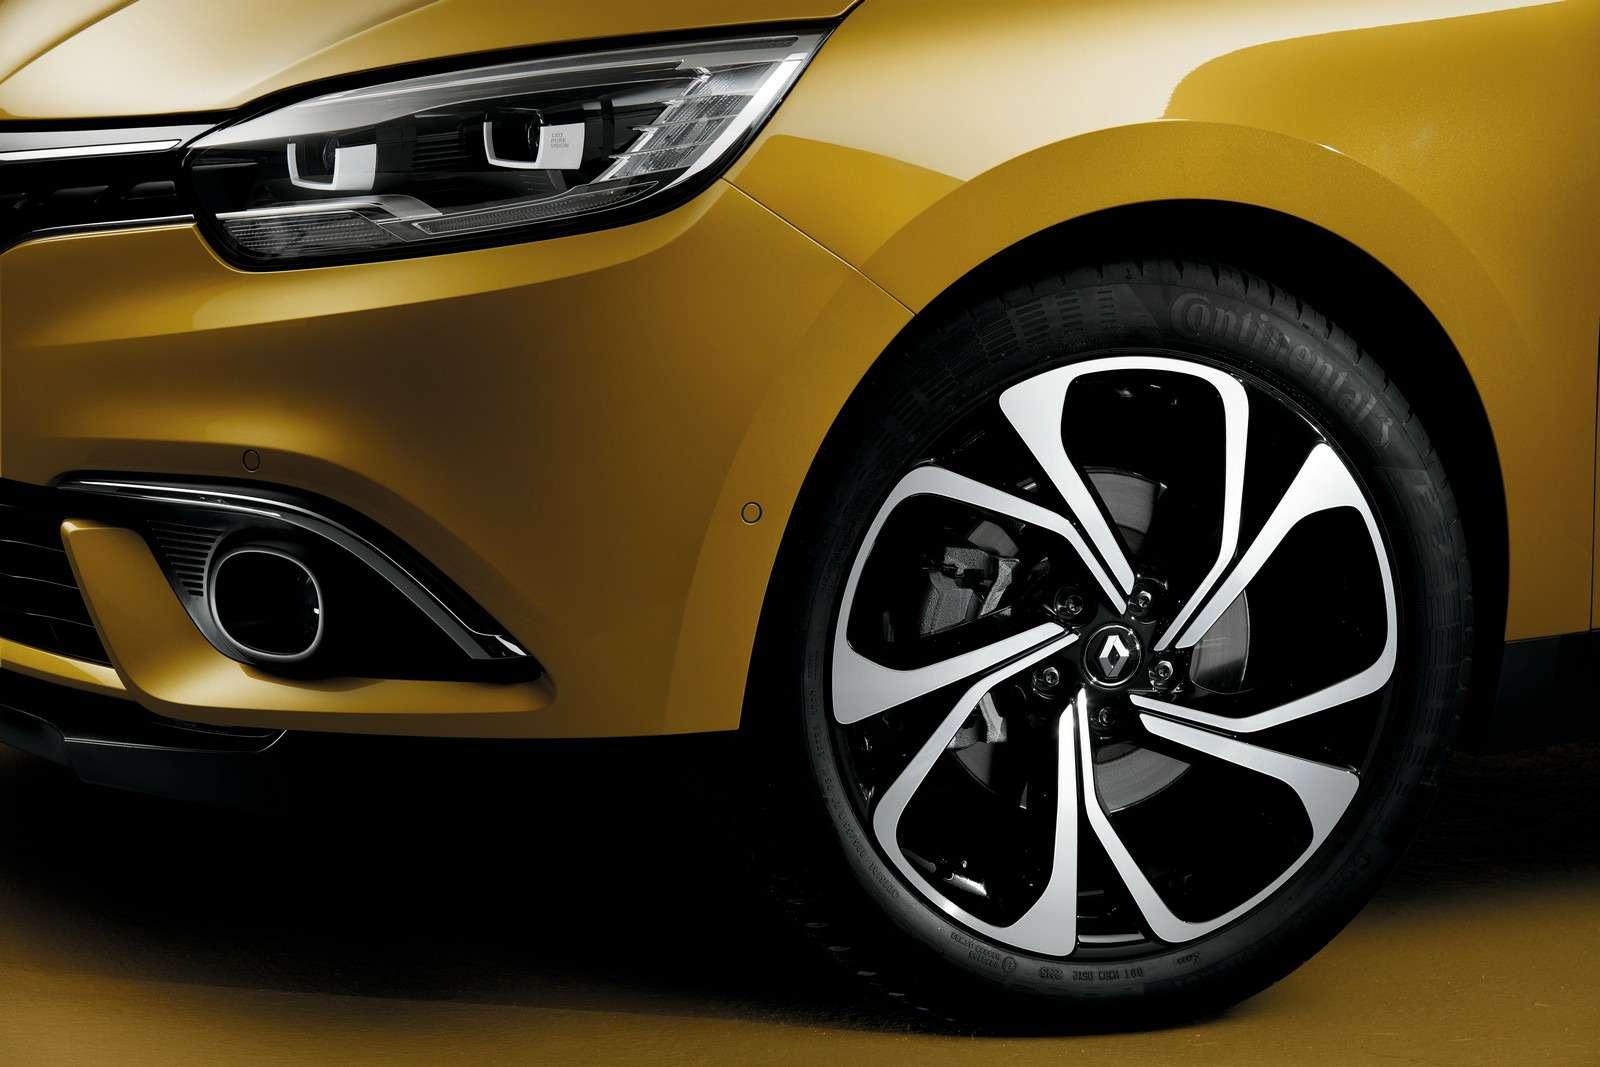 Renault_75993_global_en